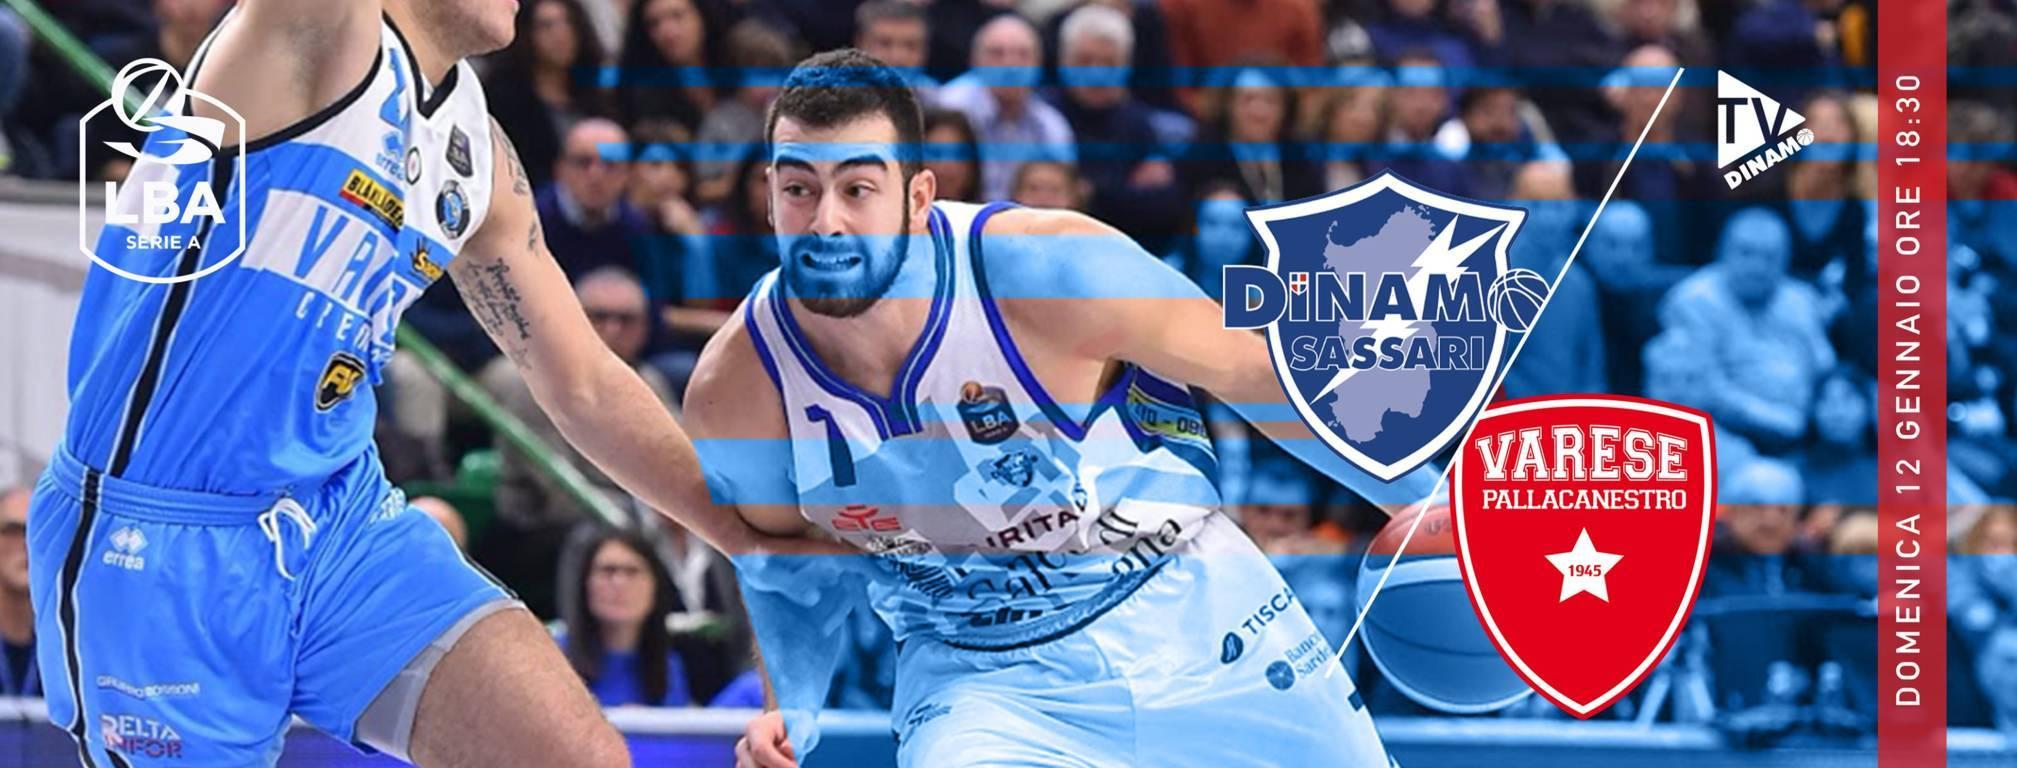 LBA Legabasket 1^ritorno 2019-20: una Dinamo Sassari a caccia del primato riceve l'Openjobmetis Varese